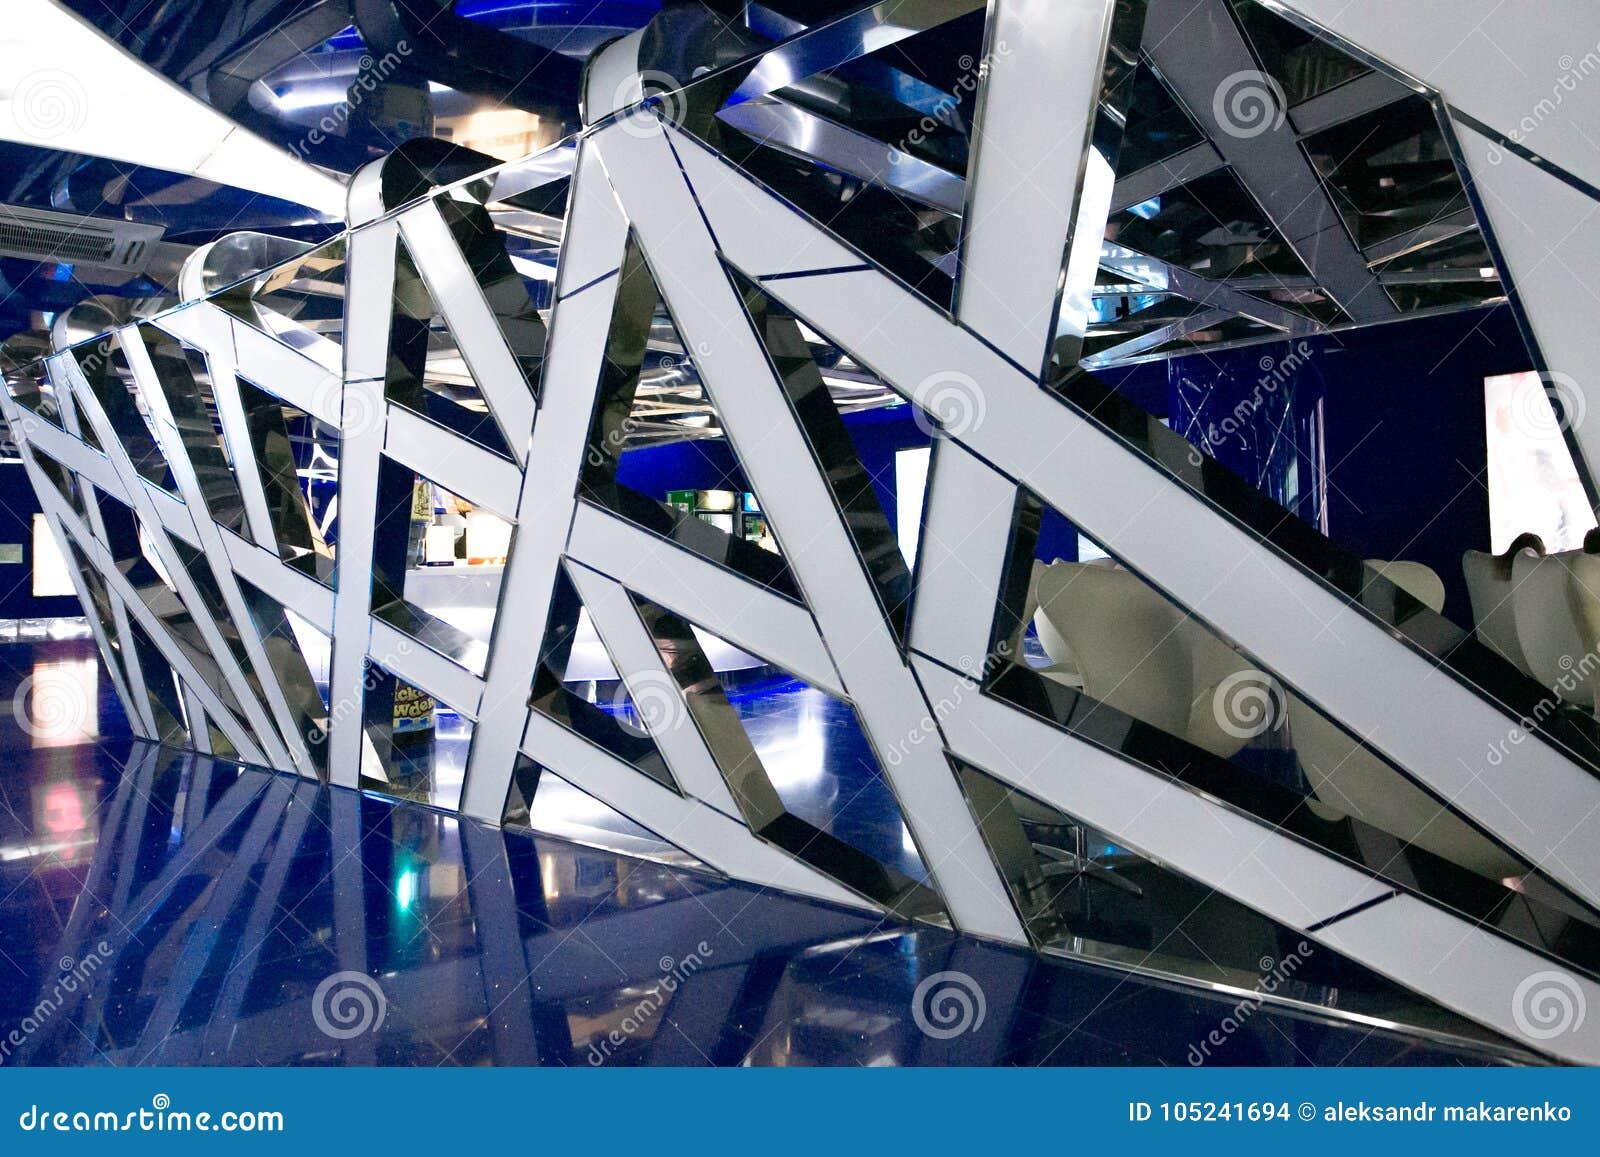 Um interior fantástico do futuro em cores de azul cinzento